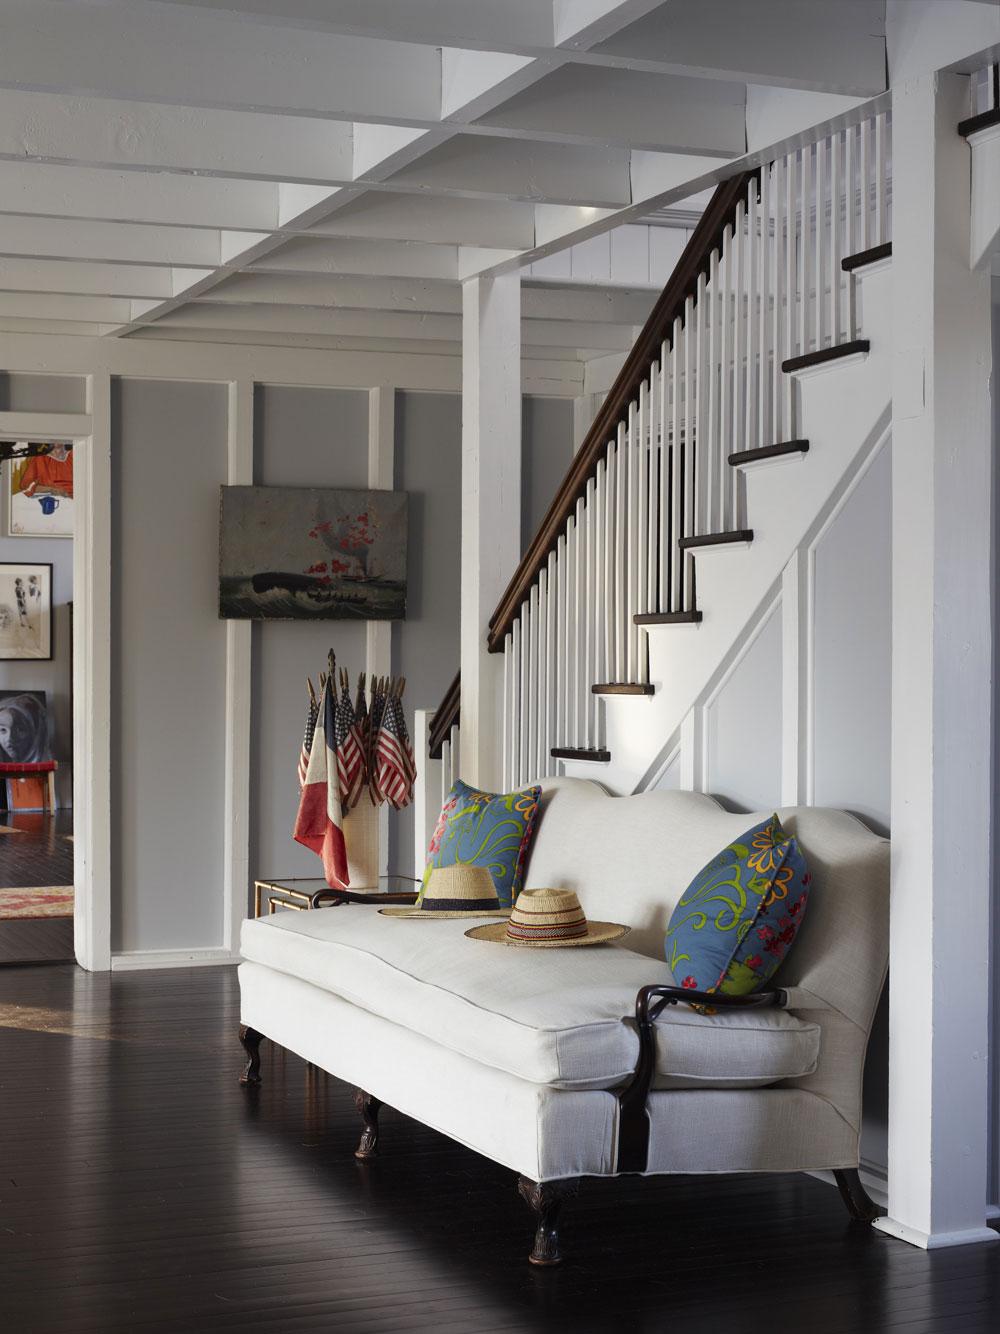 Steven Sclaroff Architecture And Interior Design By